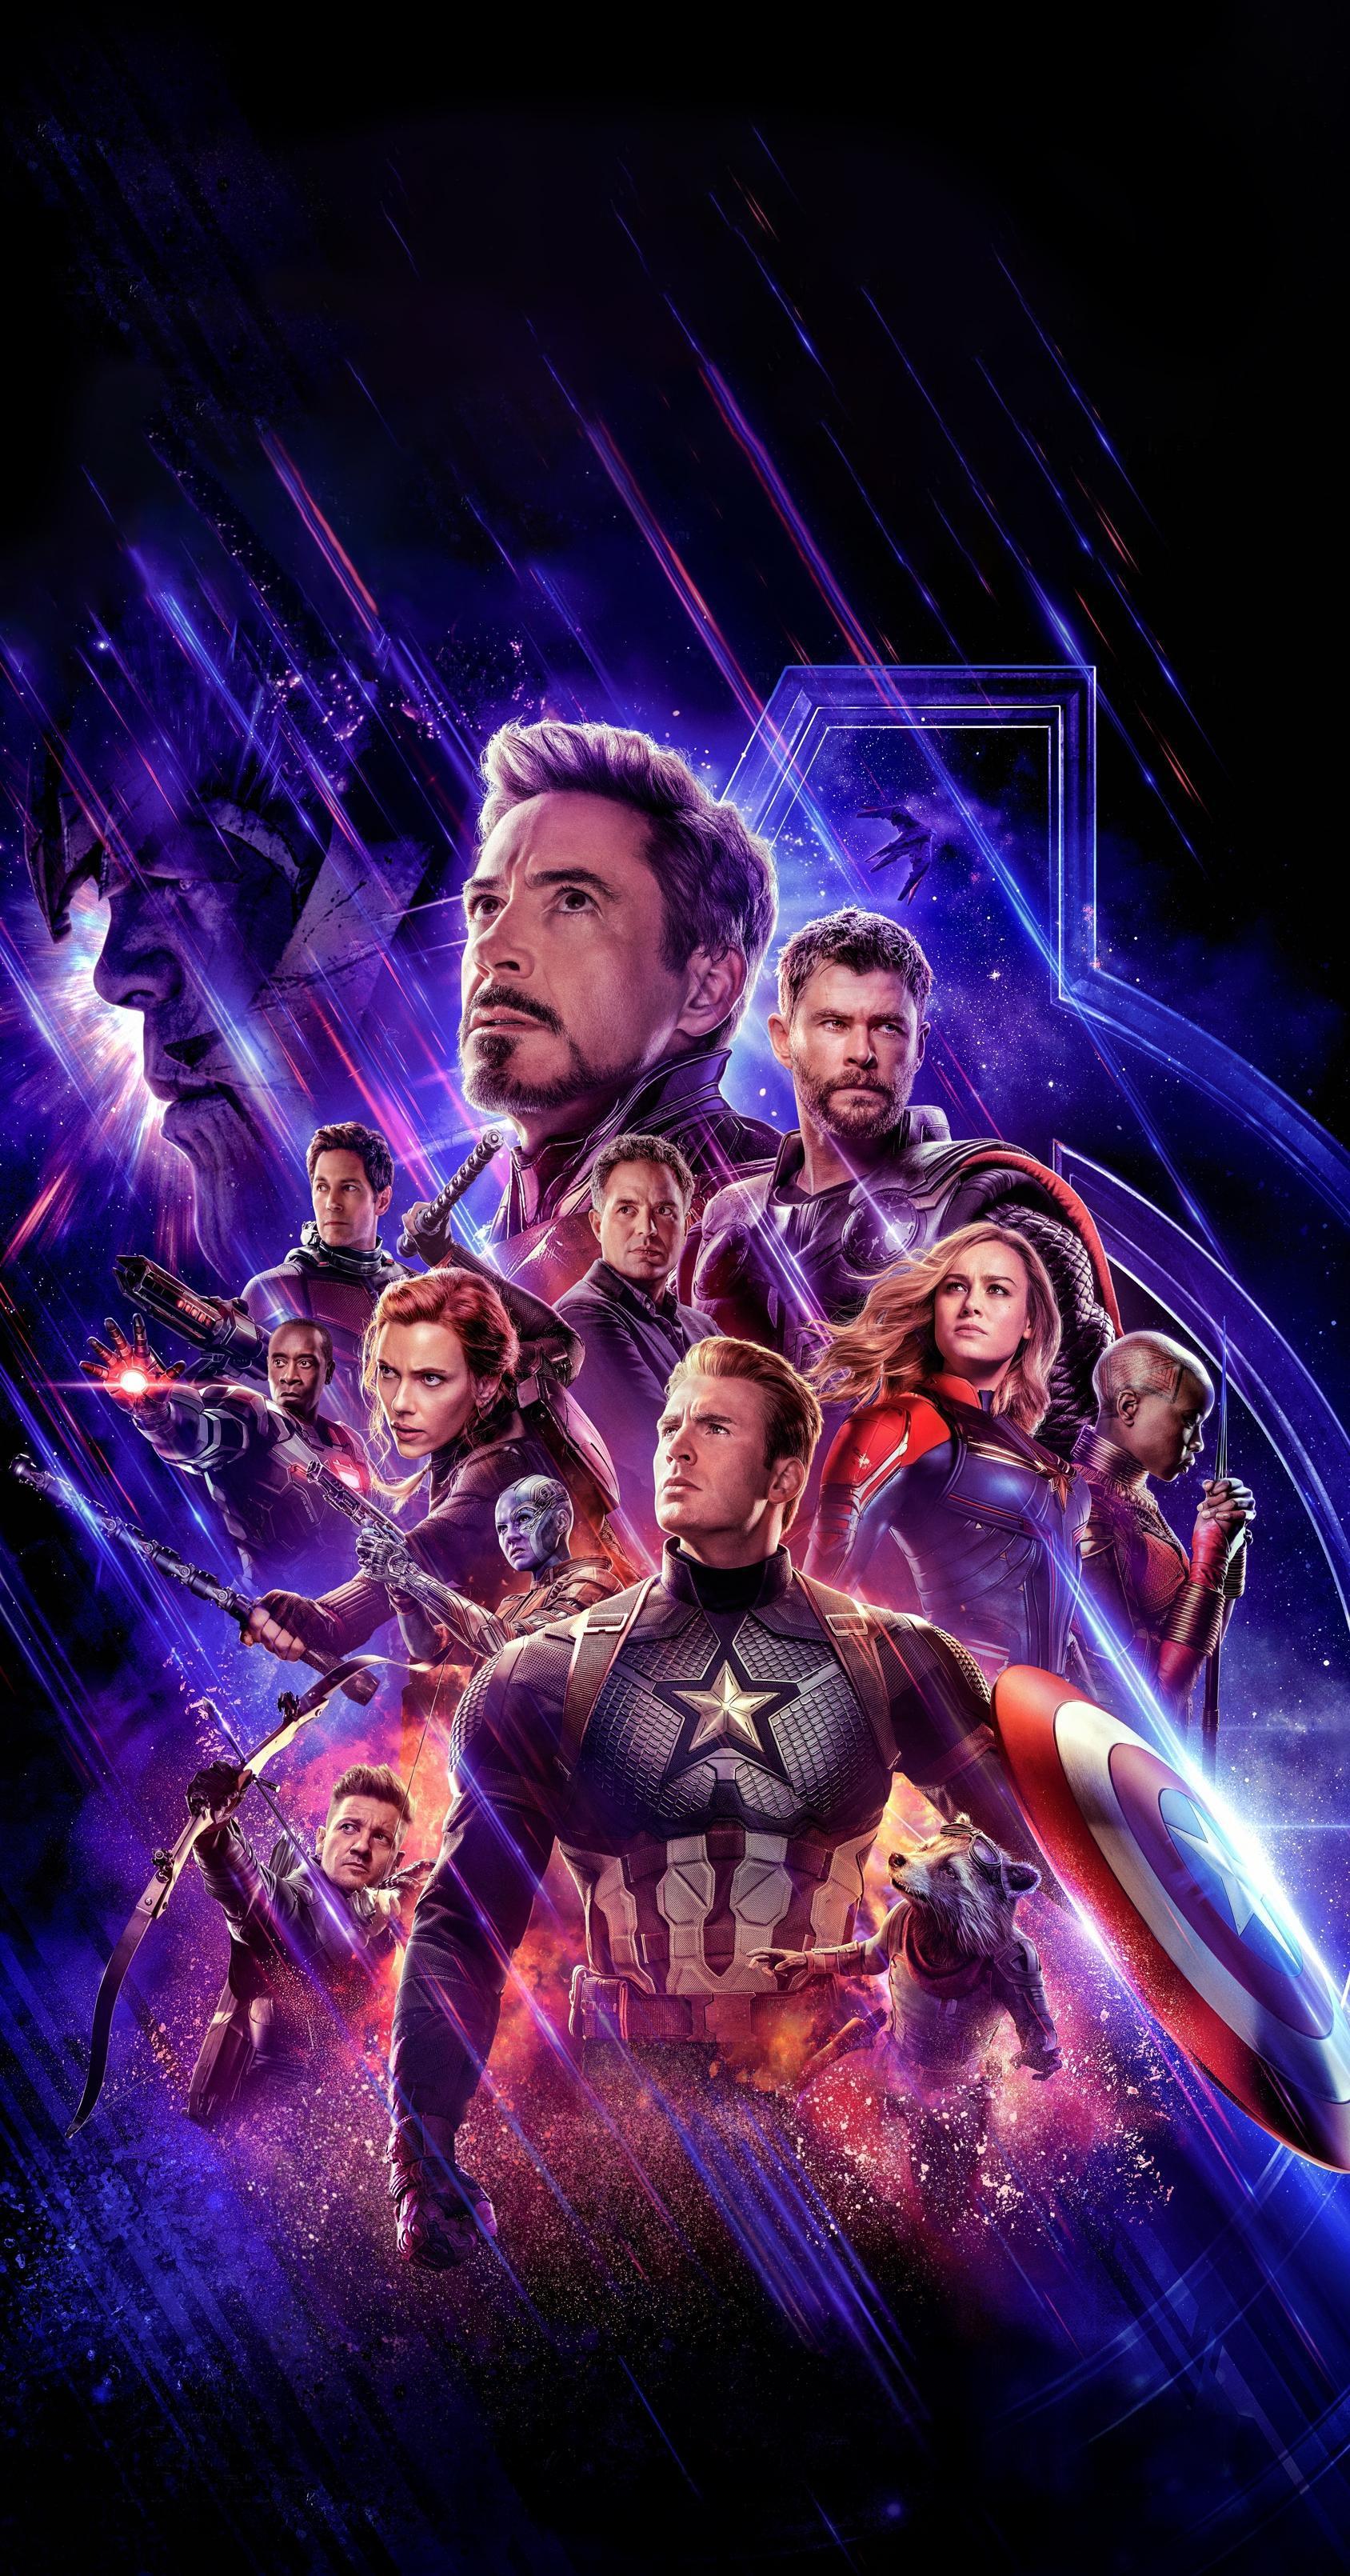 32+ Marvel Studios Avengers Endgame Wallpapers on ...